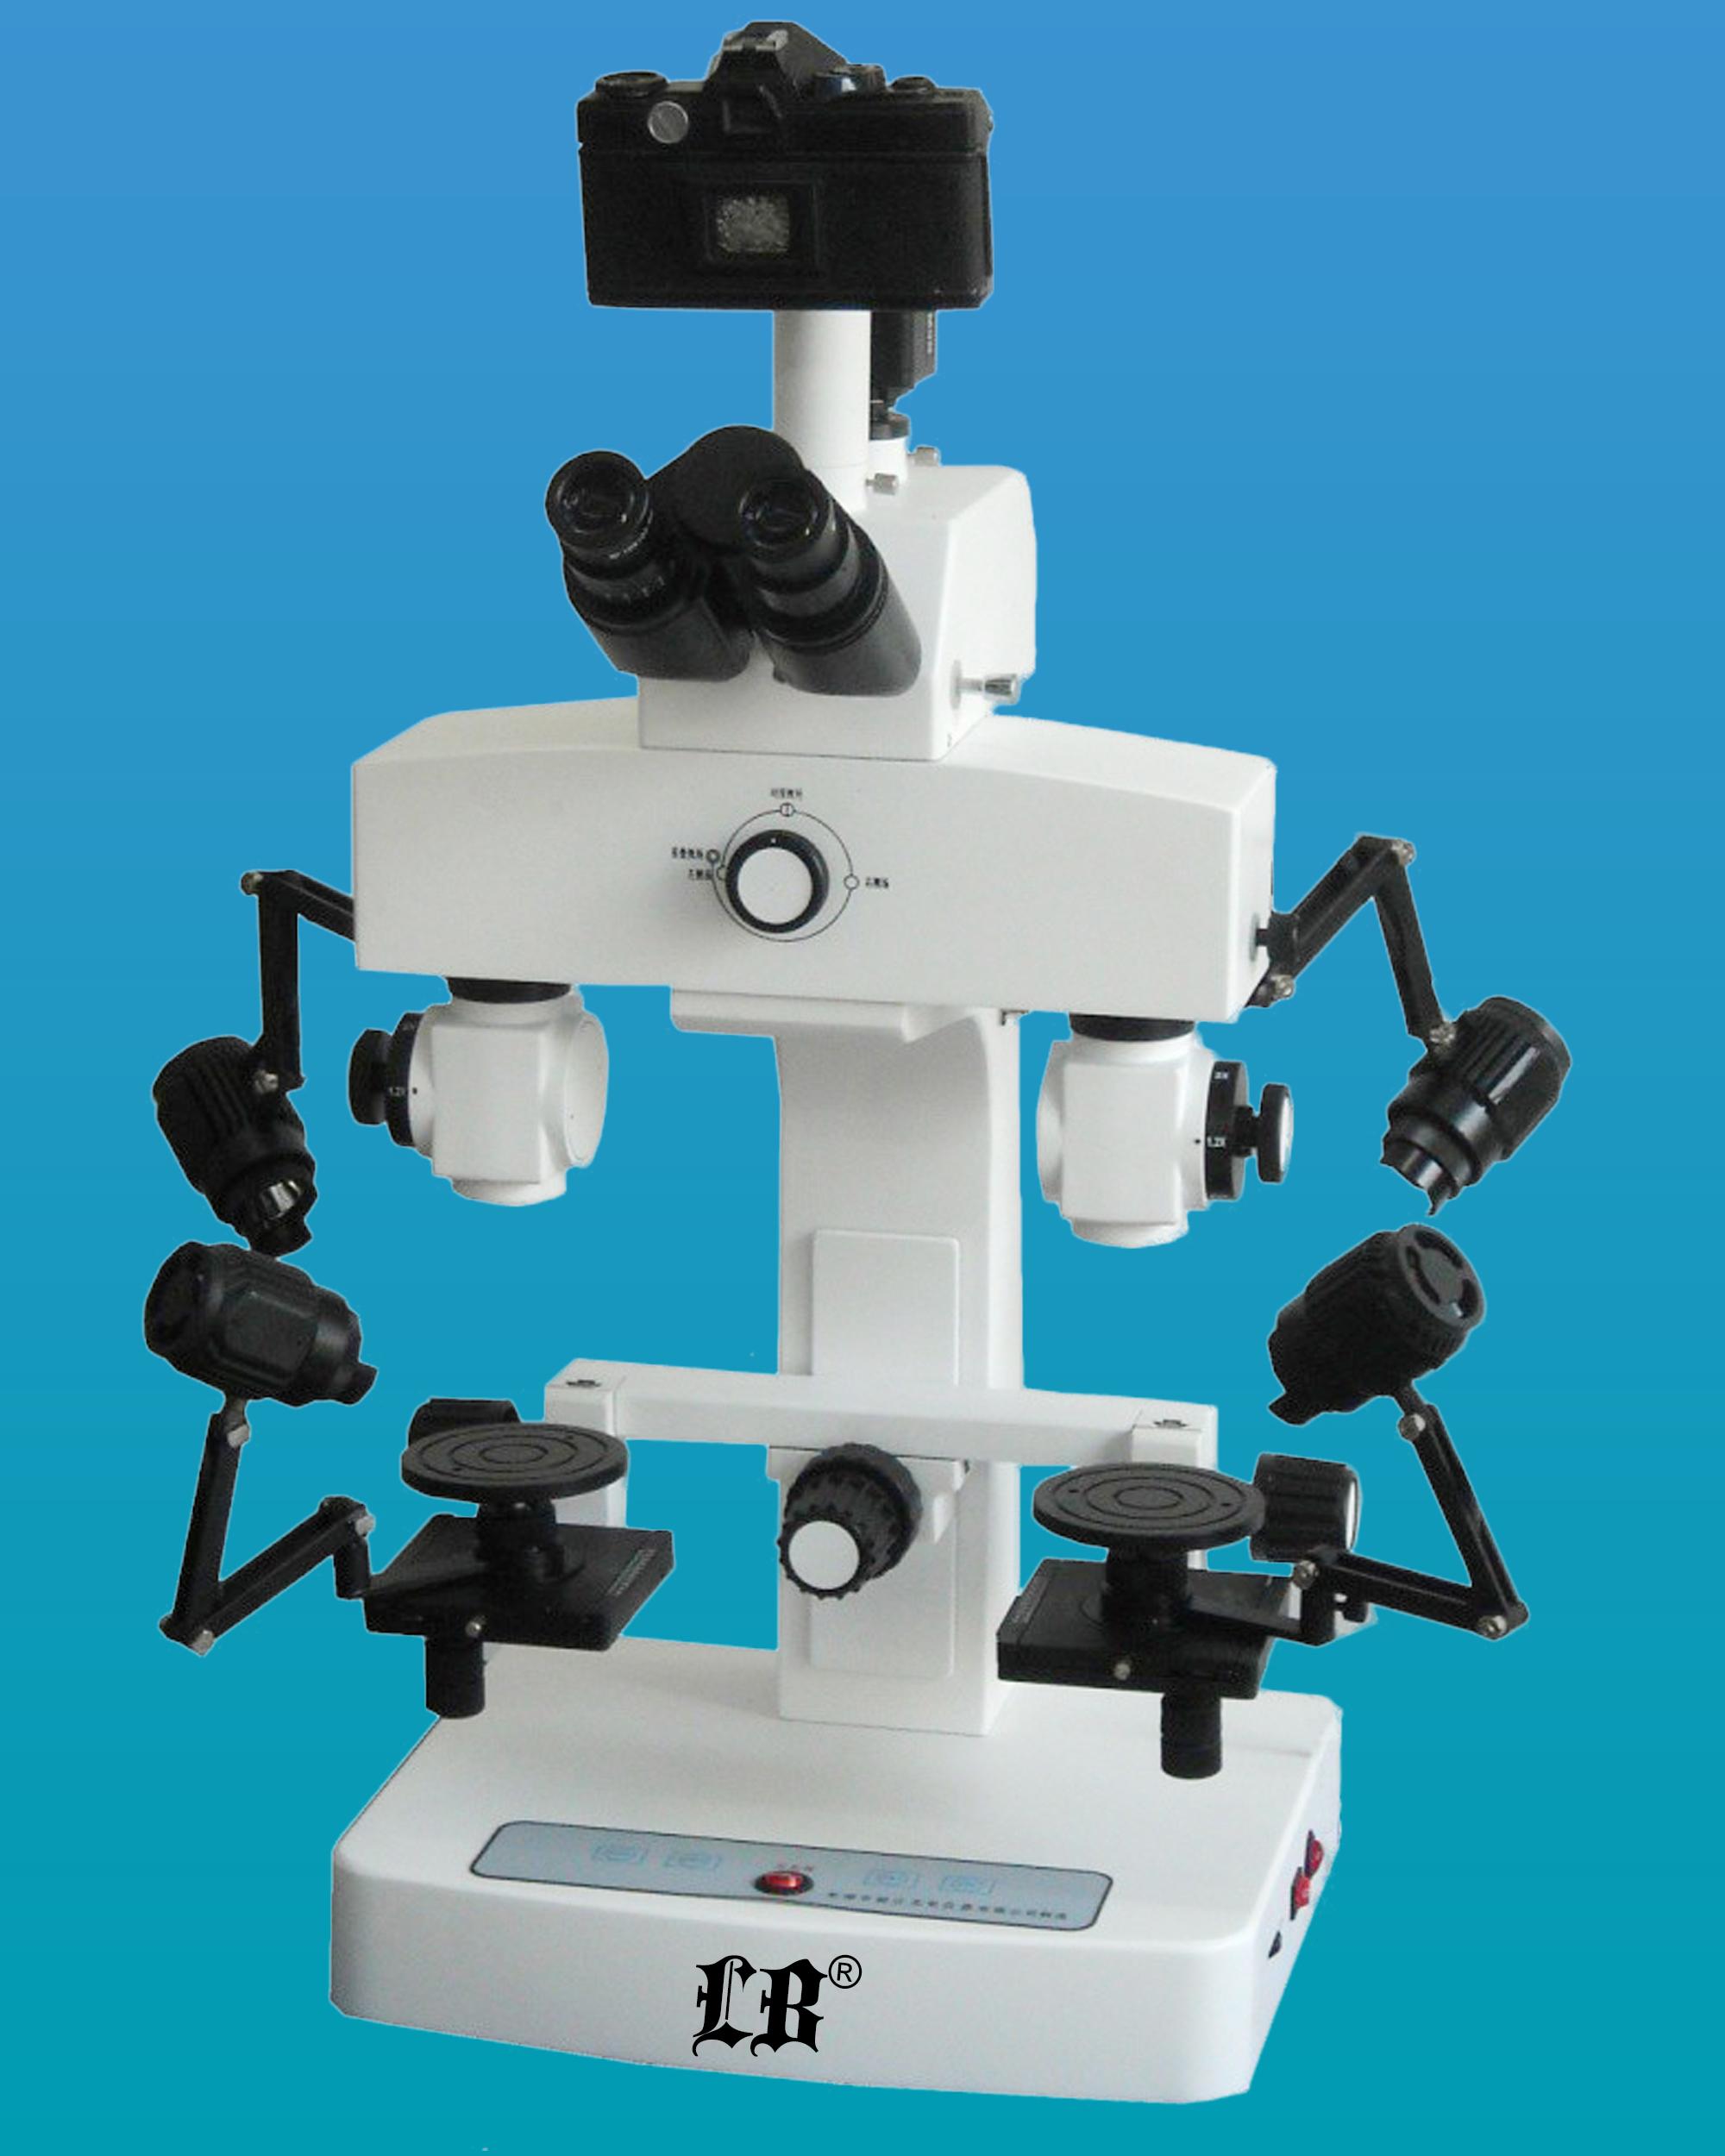 [LB-1000] Comparison Microscope